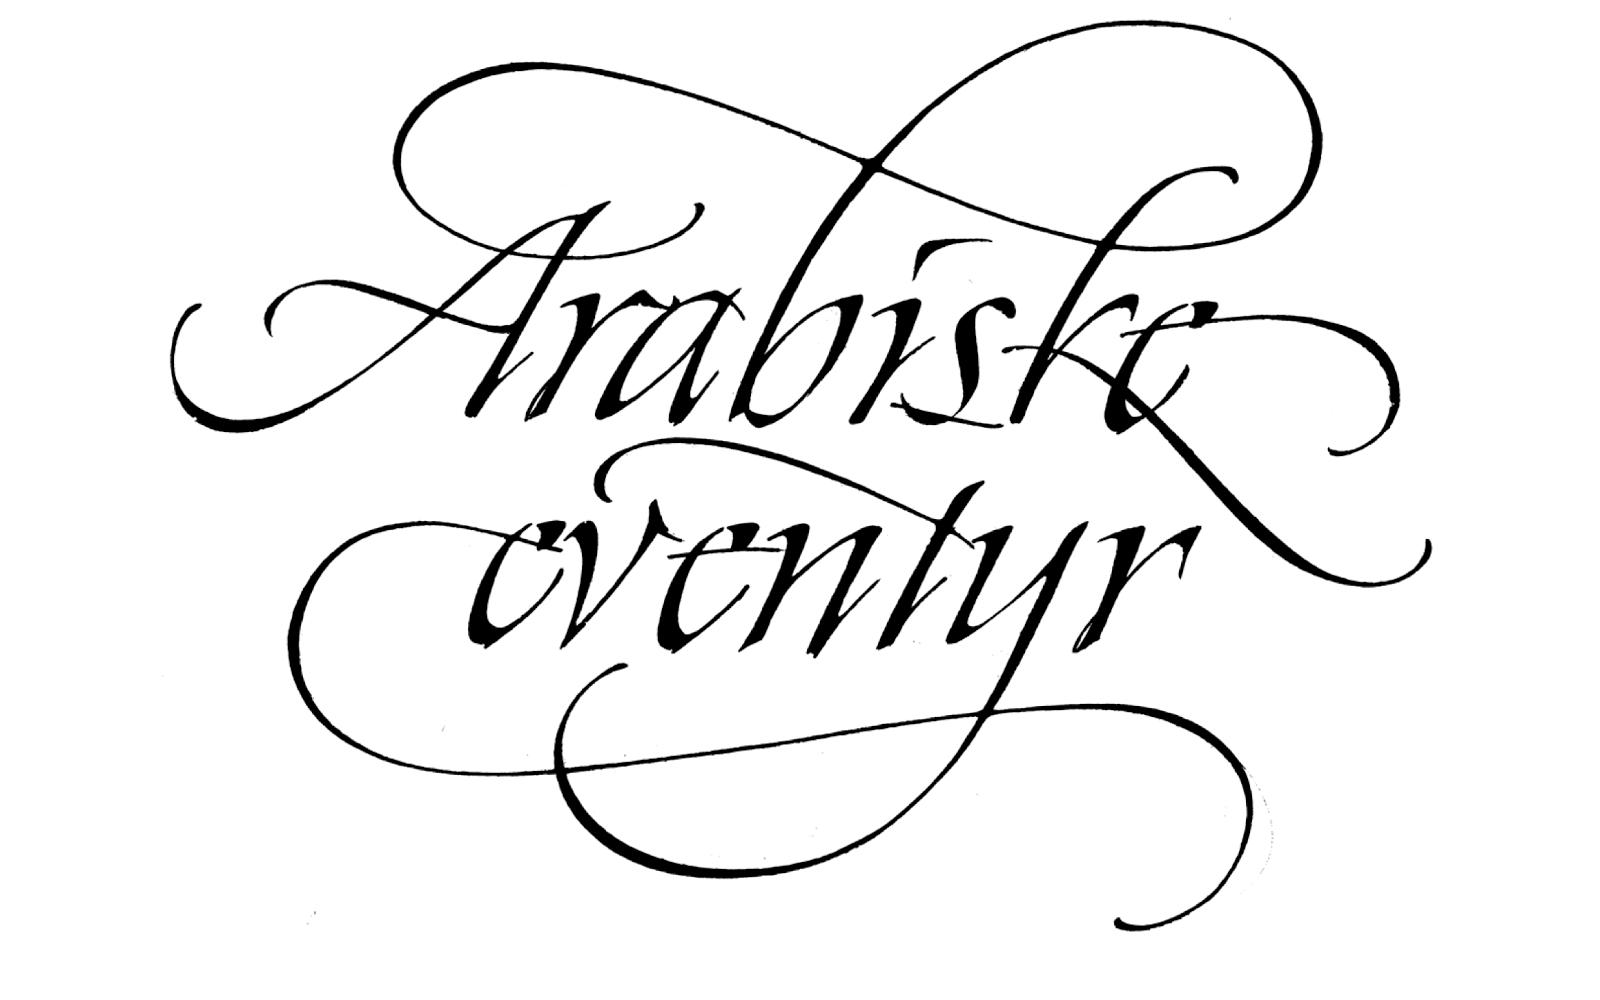 New Zealand Calligraphers: Christopher Haanes